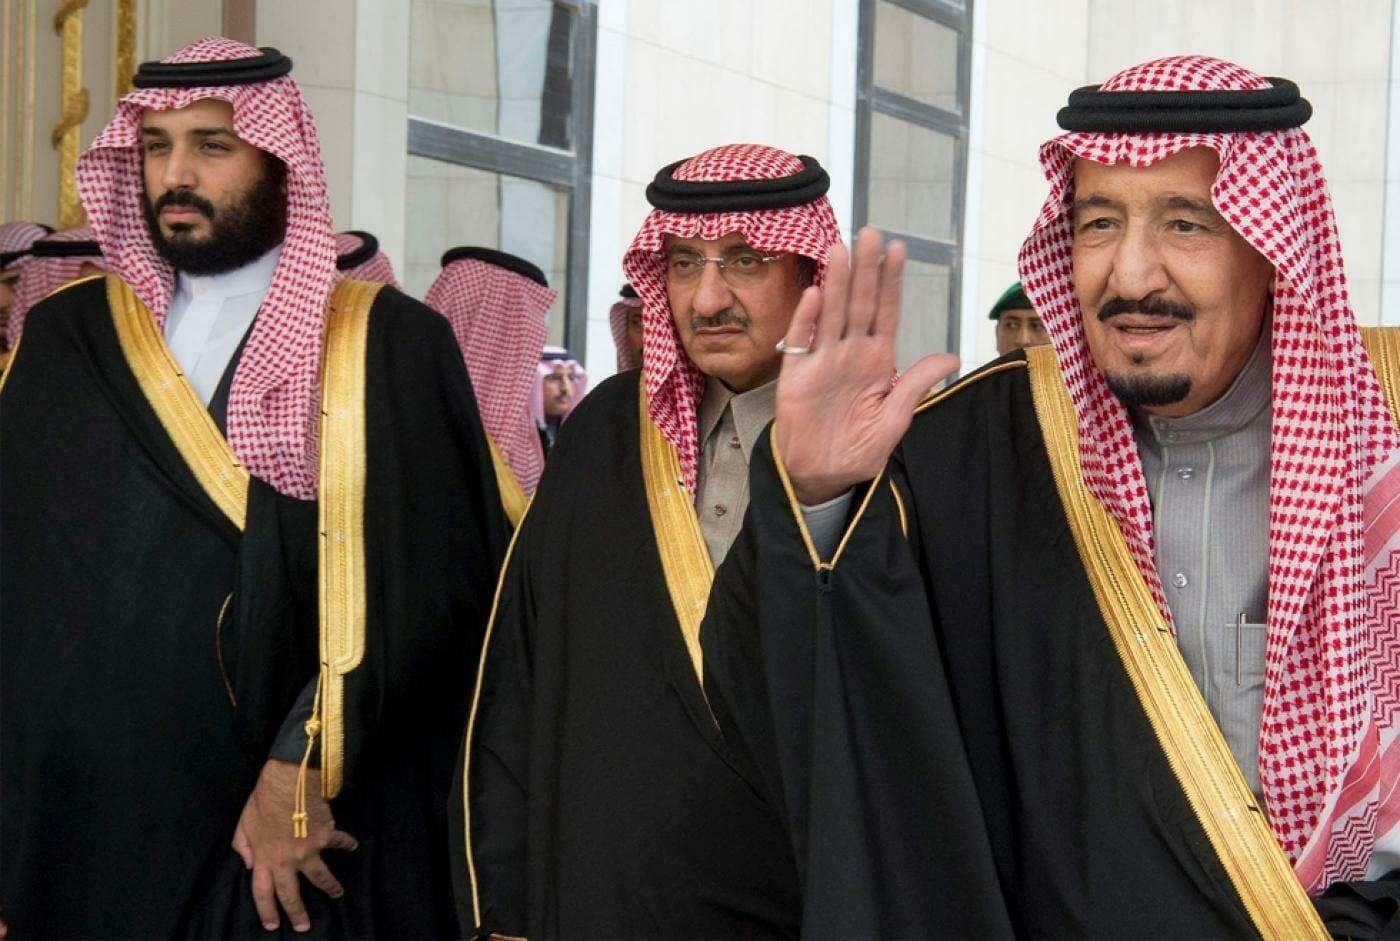 خبير يكشف أن محمد بن سلمان سيُعدم أو يغتال بعض كبار الأمراء ويدّعي أنهم انتحروا